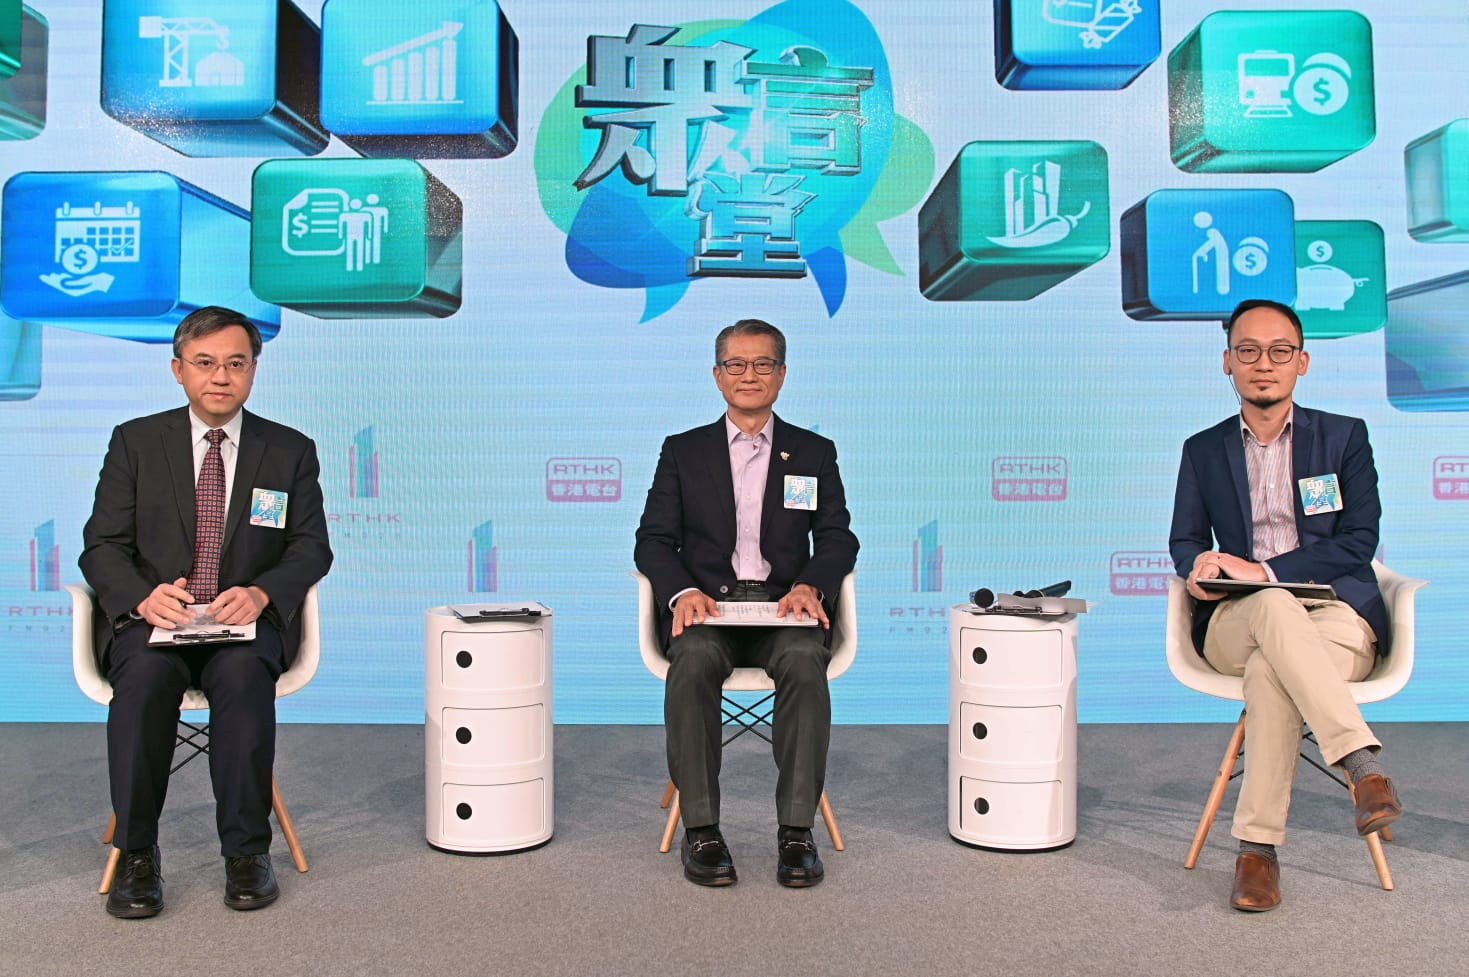 有市民建议派1万元 陈茂波:派钱意见分歧仍未决定